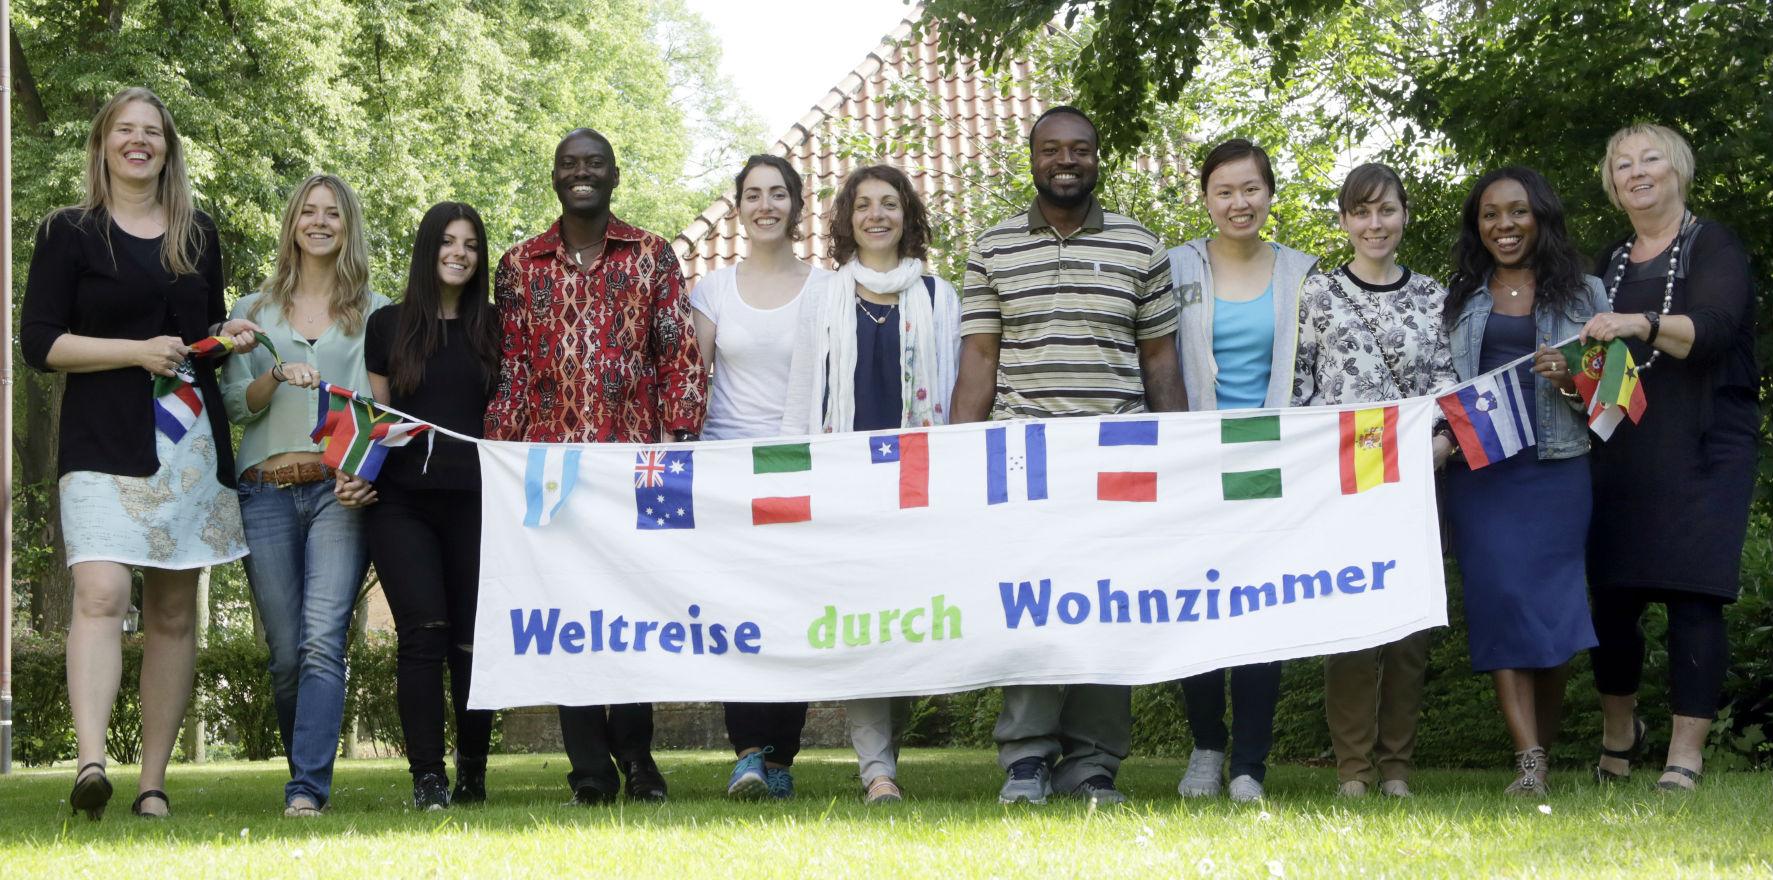 47 weltreise wohnzimmer bremen germany photo of for Wohnzimmertisch noce